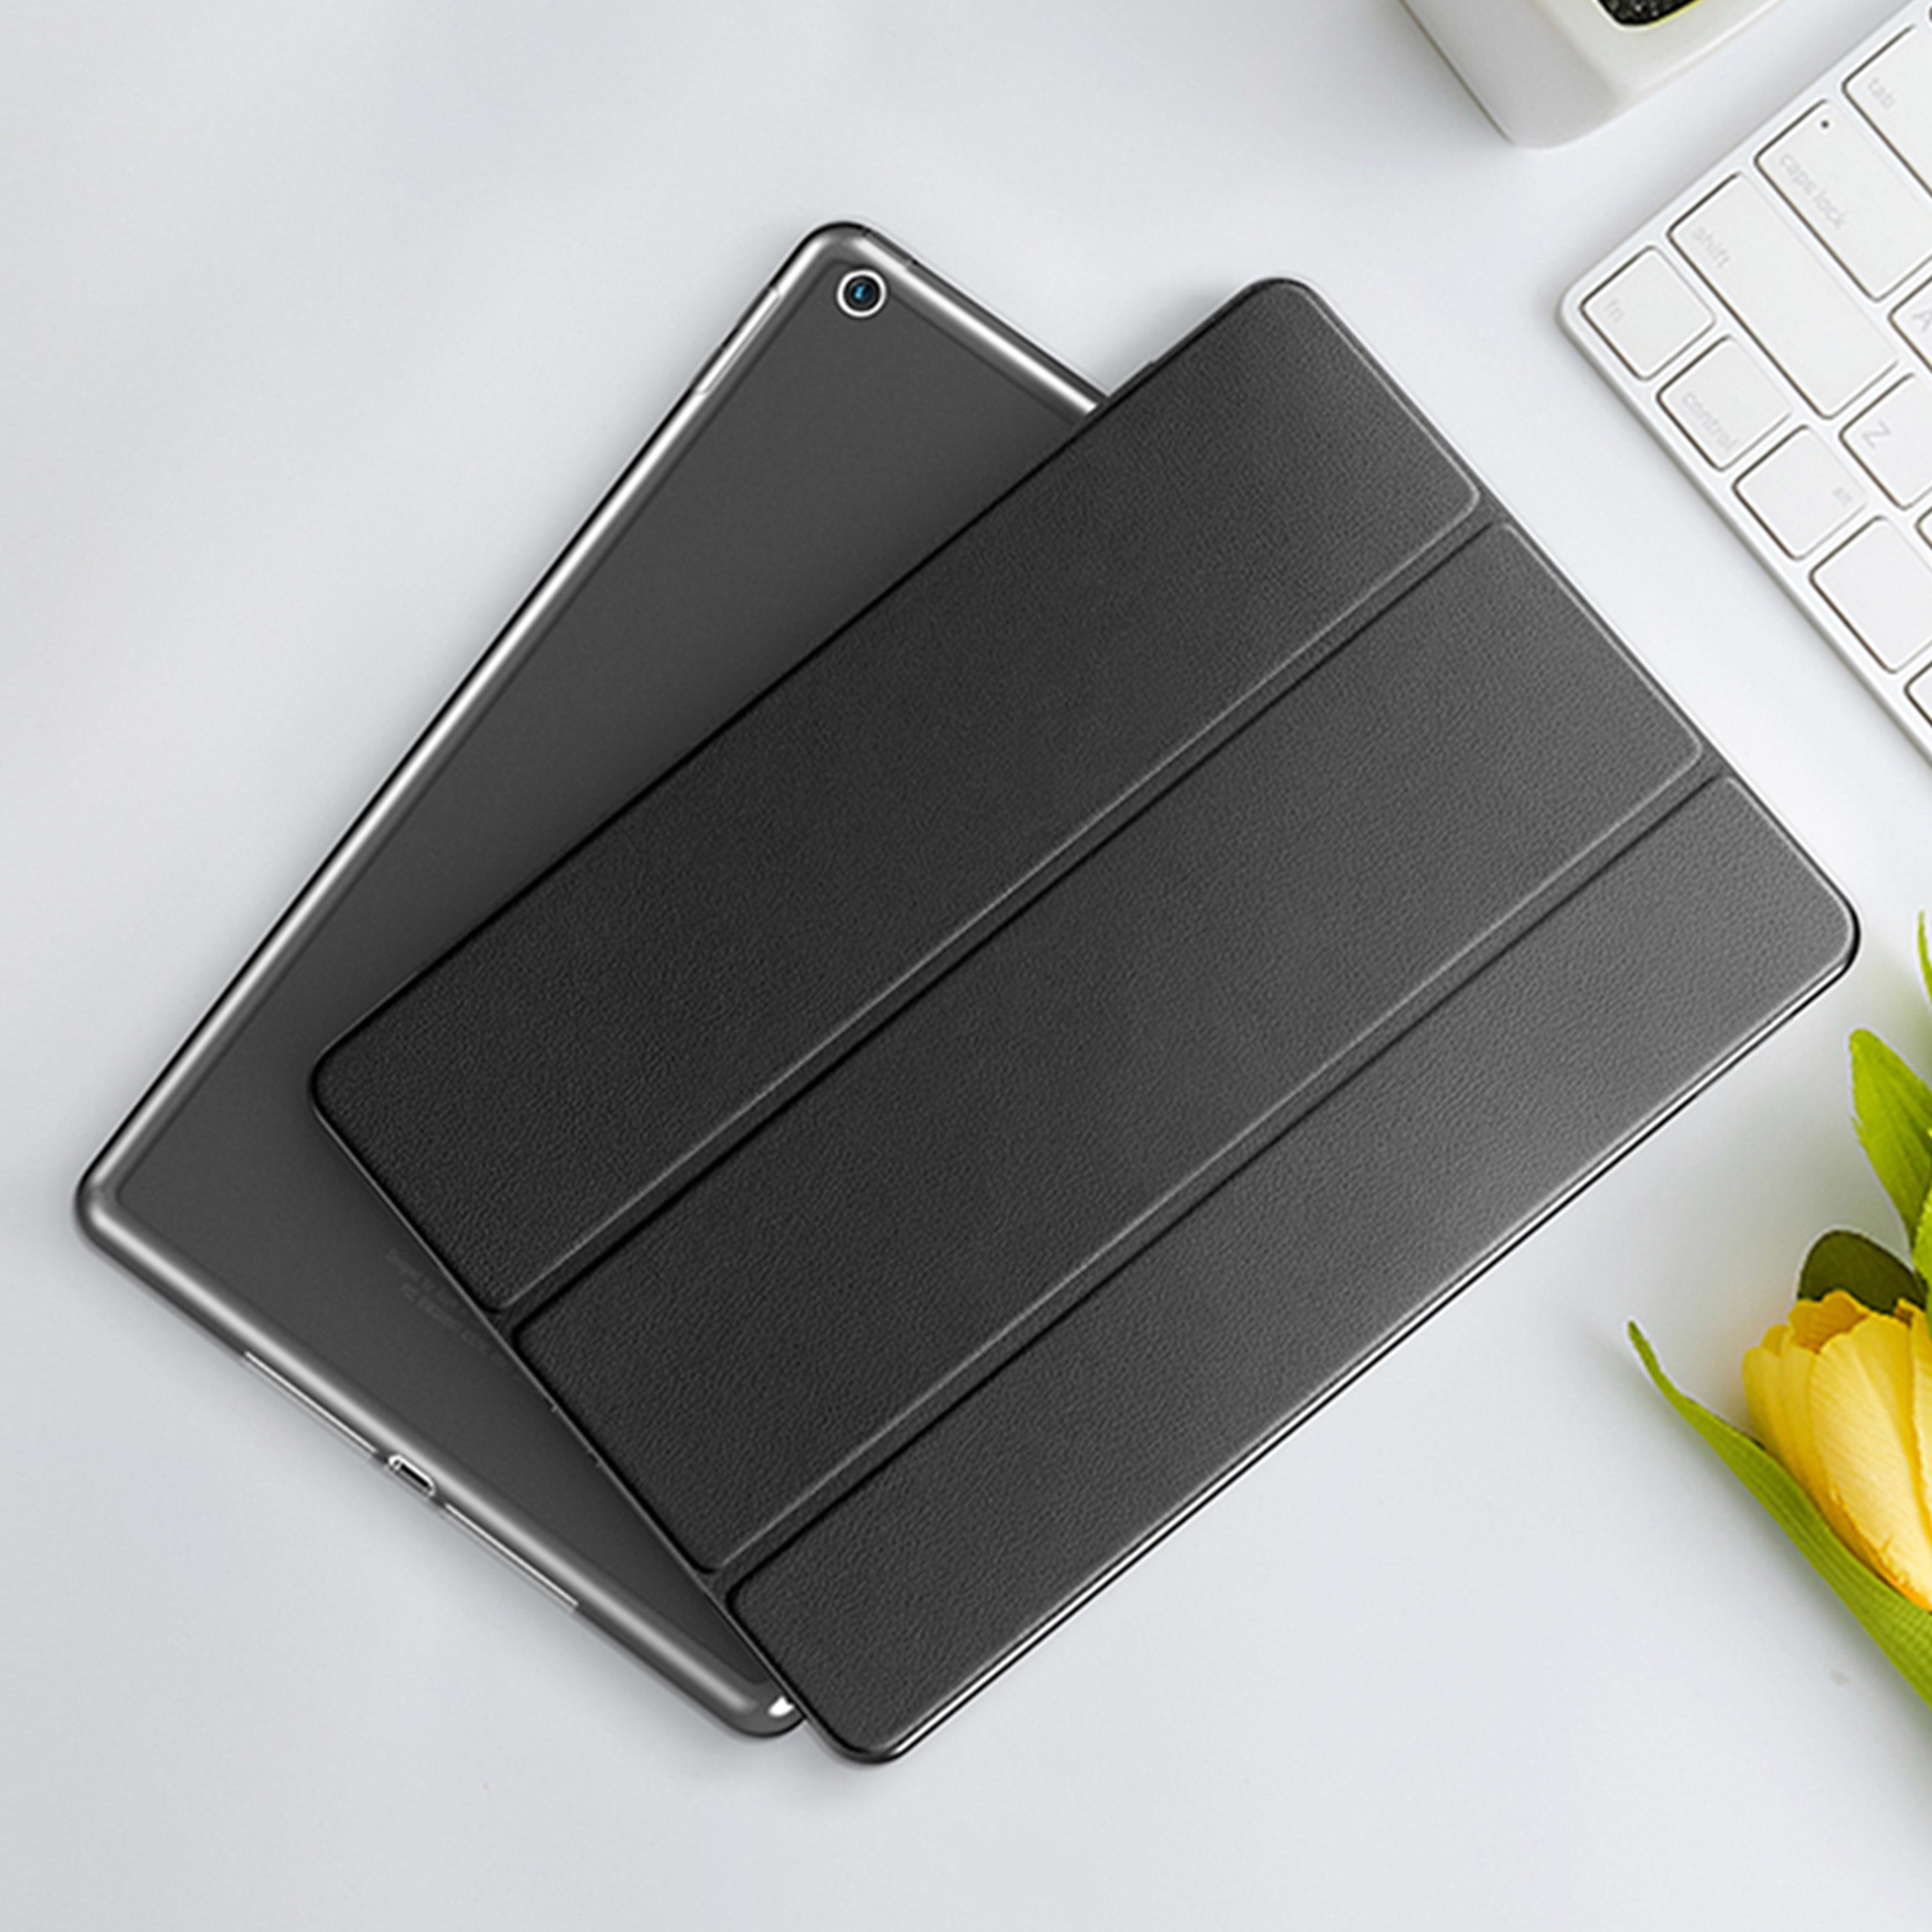 Чехол для huawei MediaPad M5 Lite10 BAH2-L09/W19/W09 10,1 дюймов планшет Магнитный смарт-чехол для MediaPad M5 Lite 10 чехол-подставка